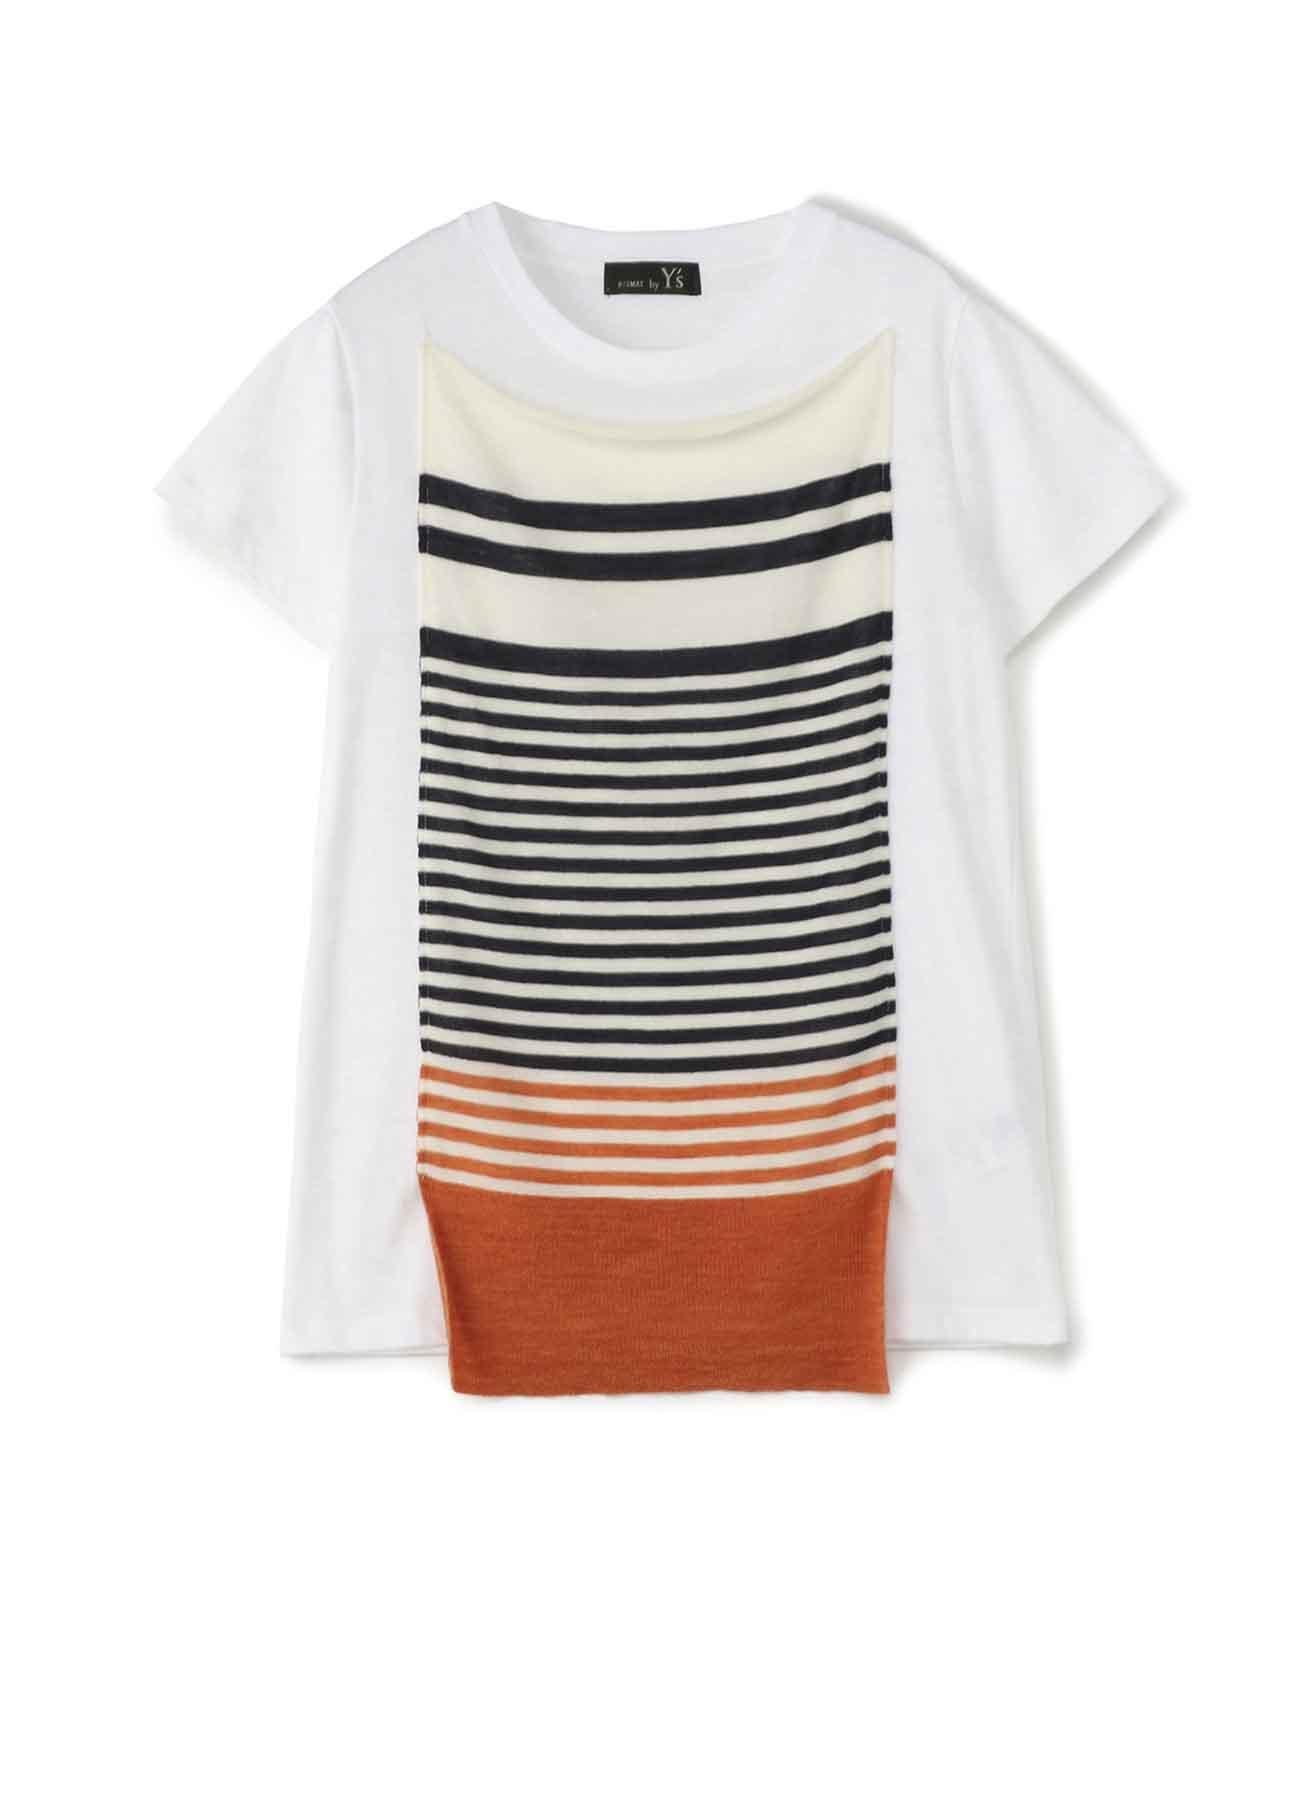 RISMATbyY's 綿天竺 ボーダーニット付半袖Tシャツ